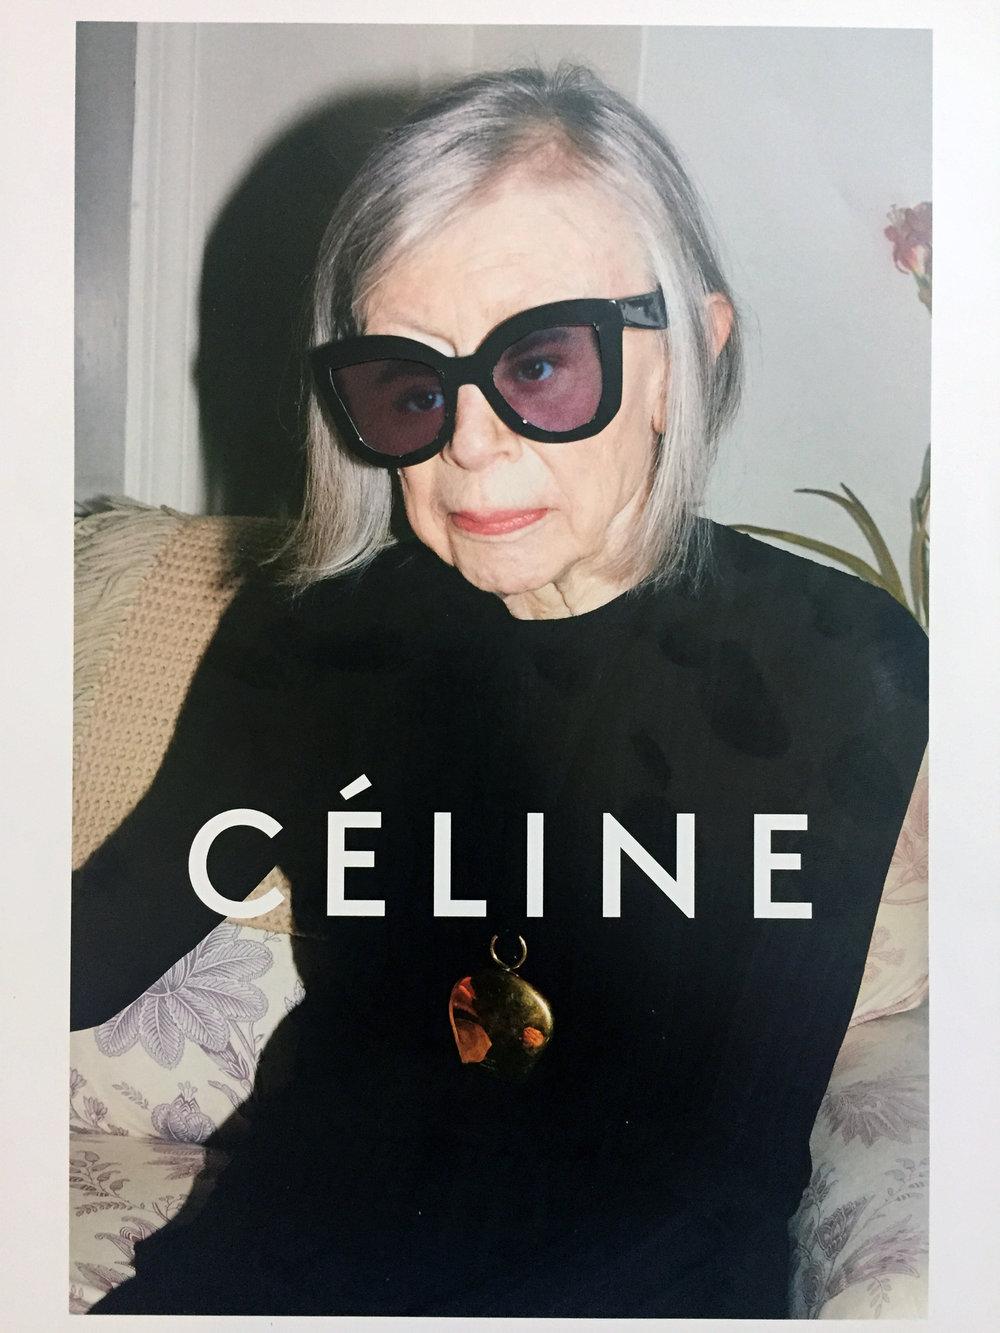 CelineJHIres.jpg